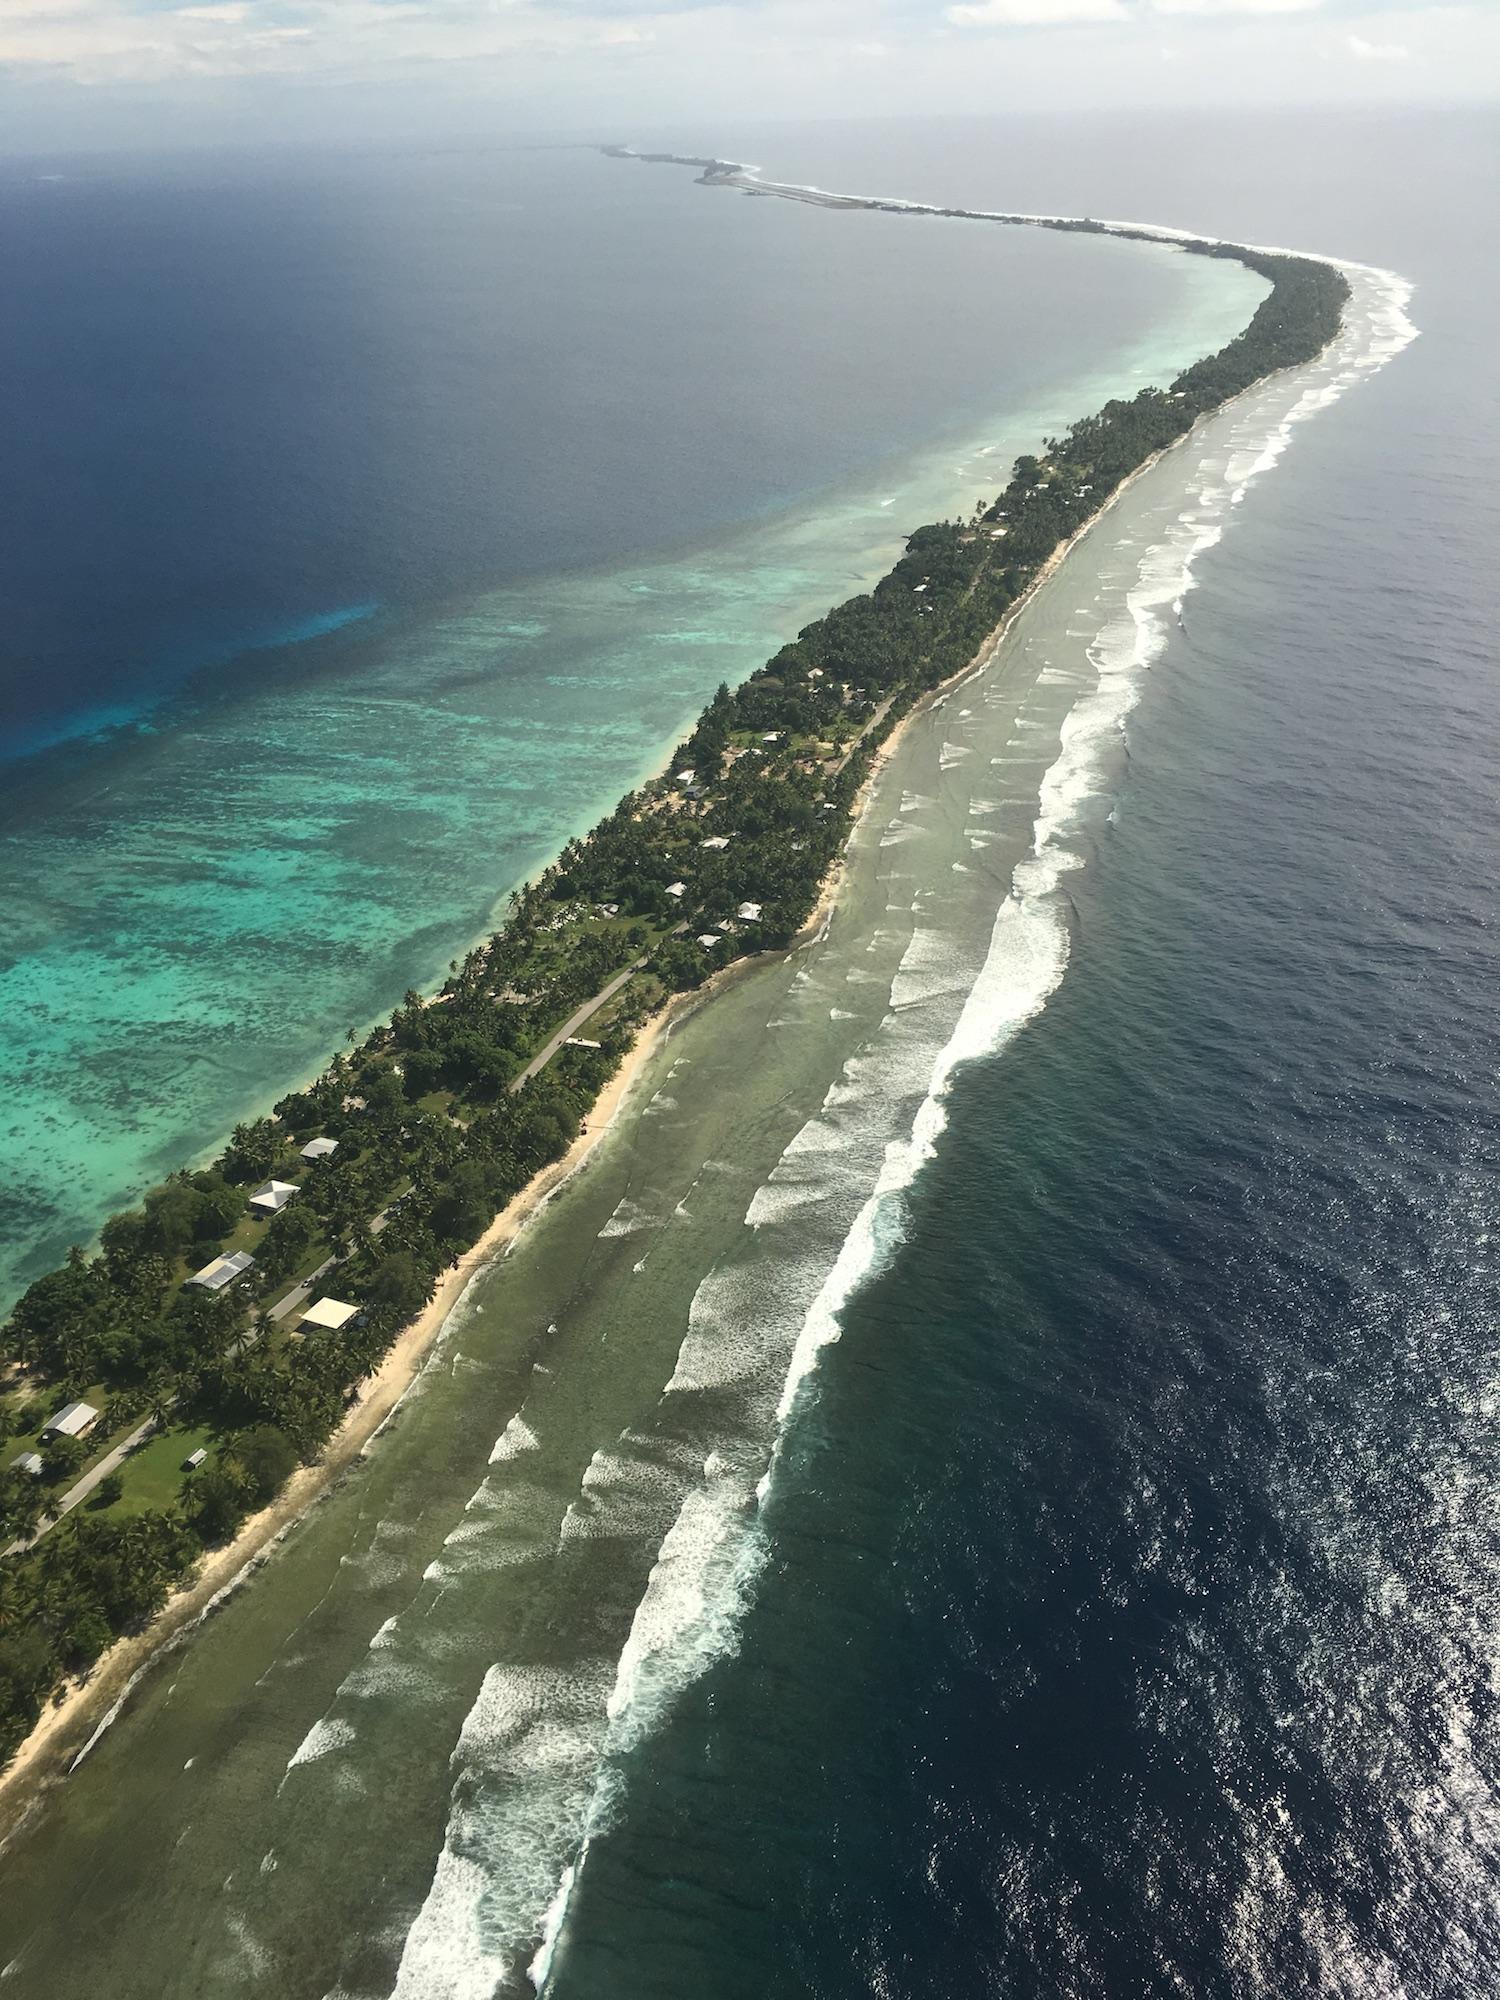 Majuro Atoll from the air